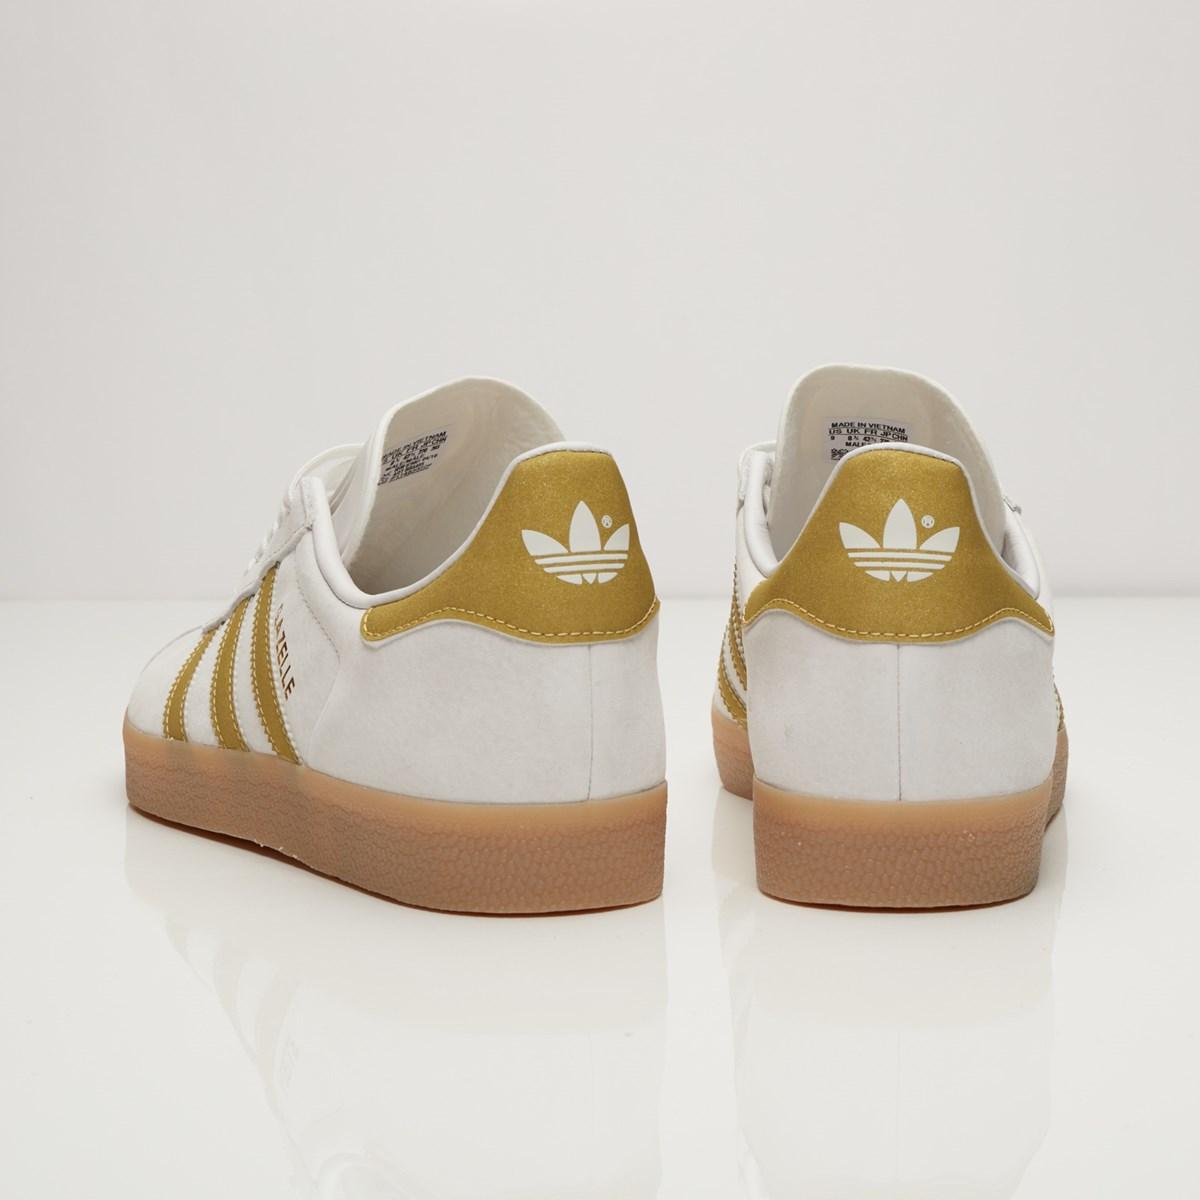 adidas Gazelle - Bb5495 - SNS | sneakers & streetwear online since ...